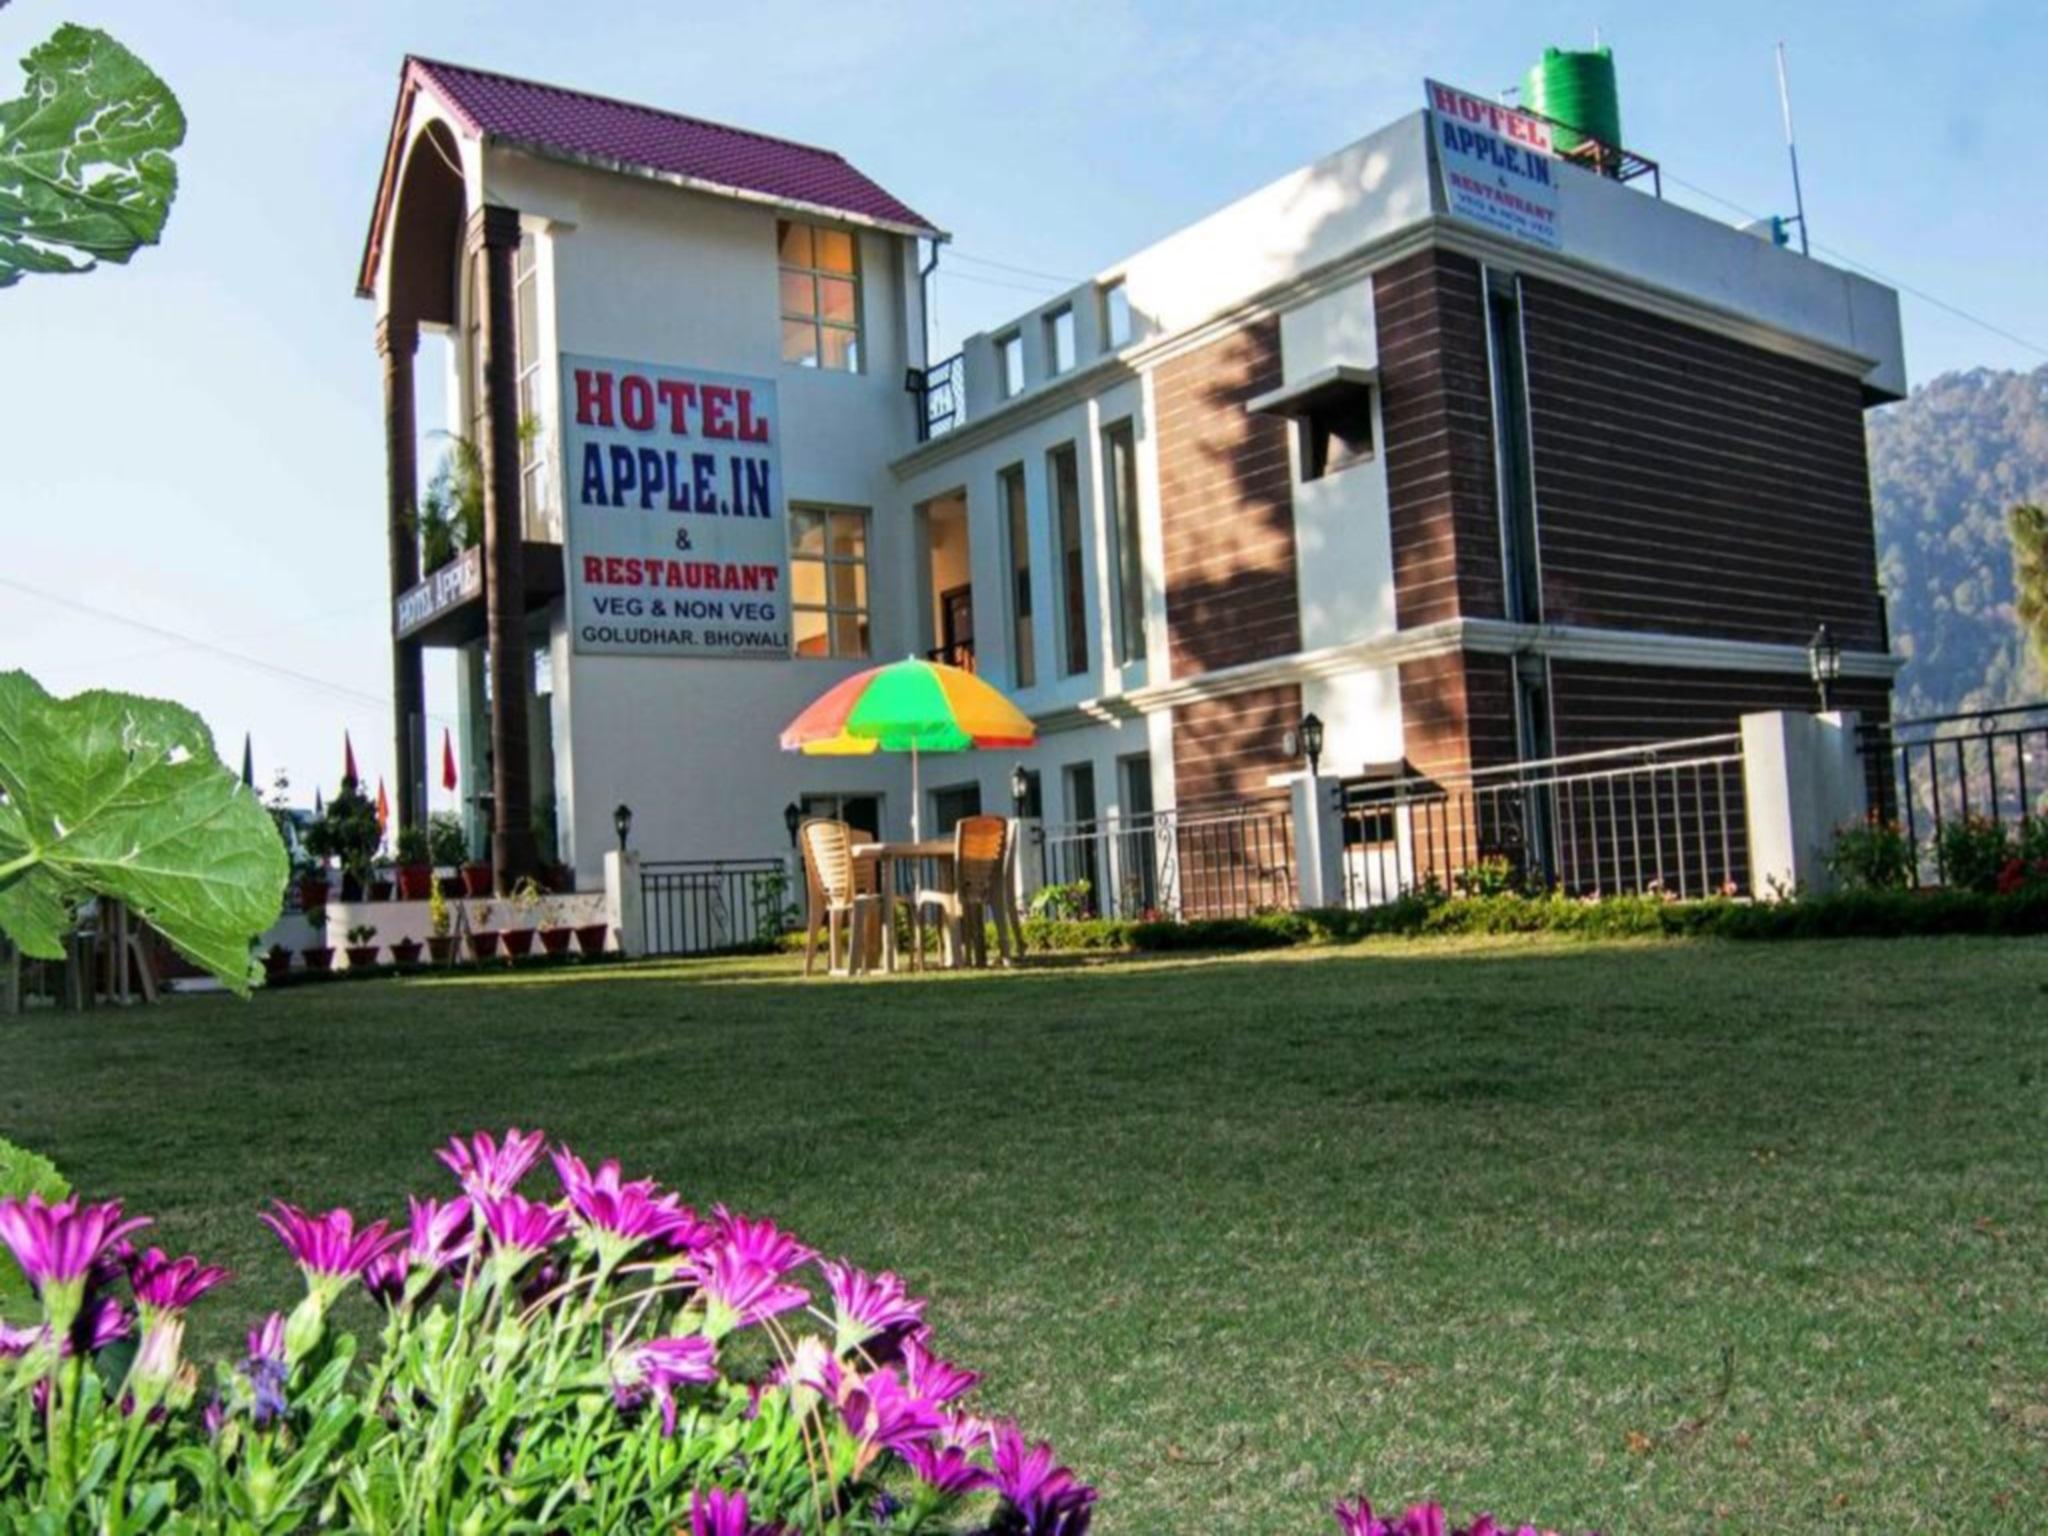 Hotel Apple Inn